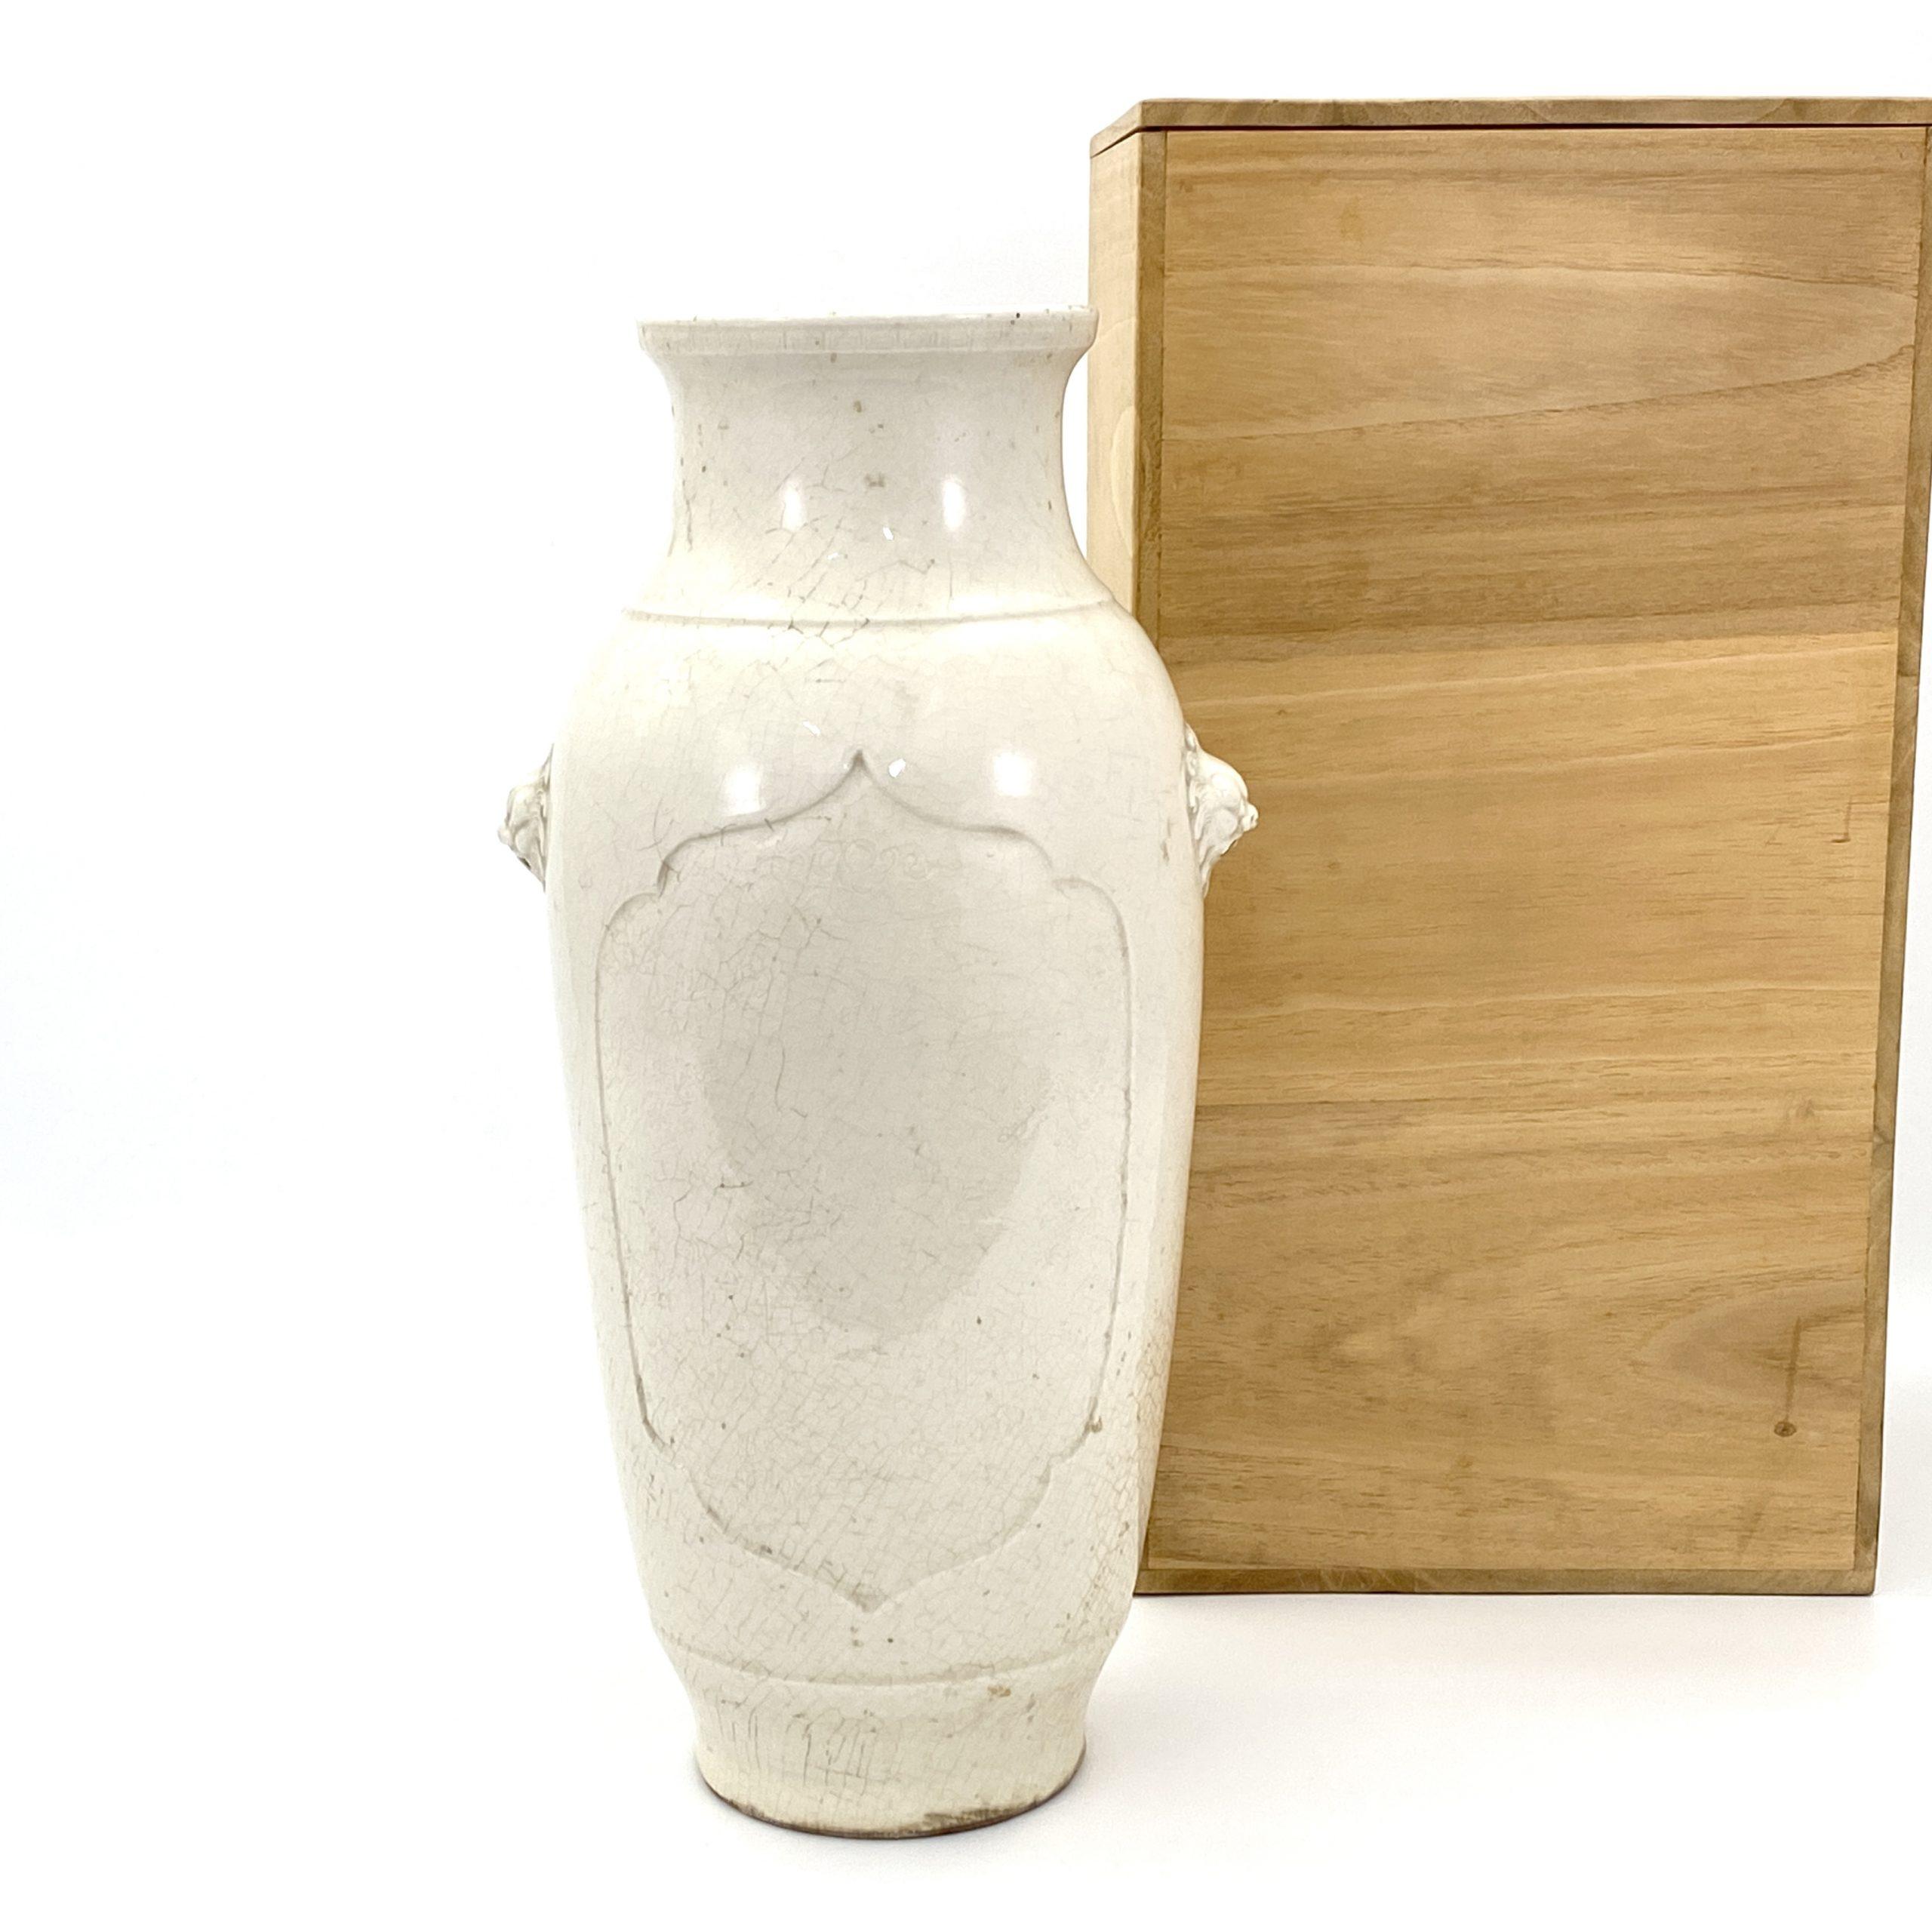 21080徳化窯 獅子耳瓶